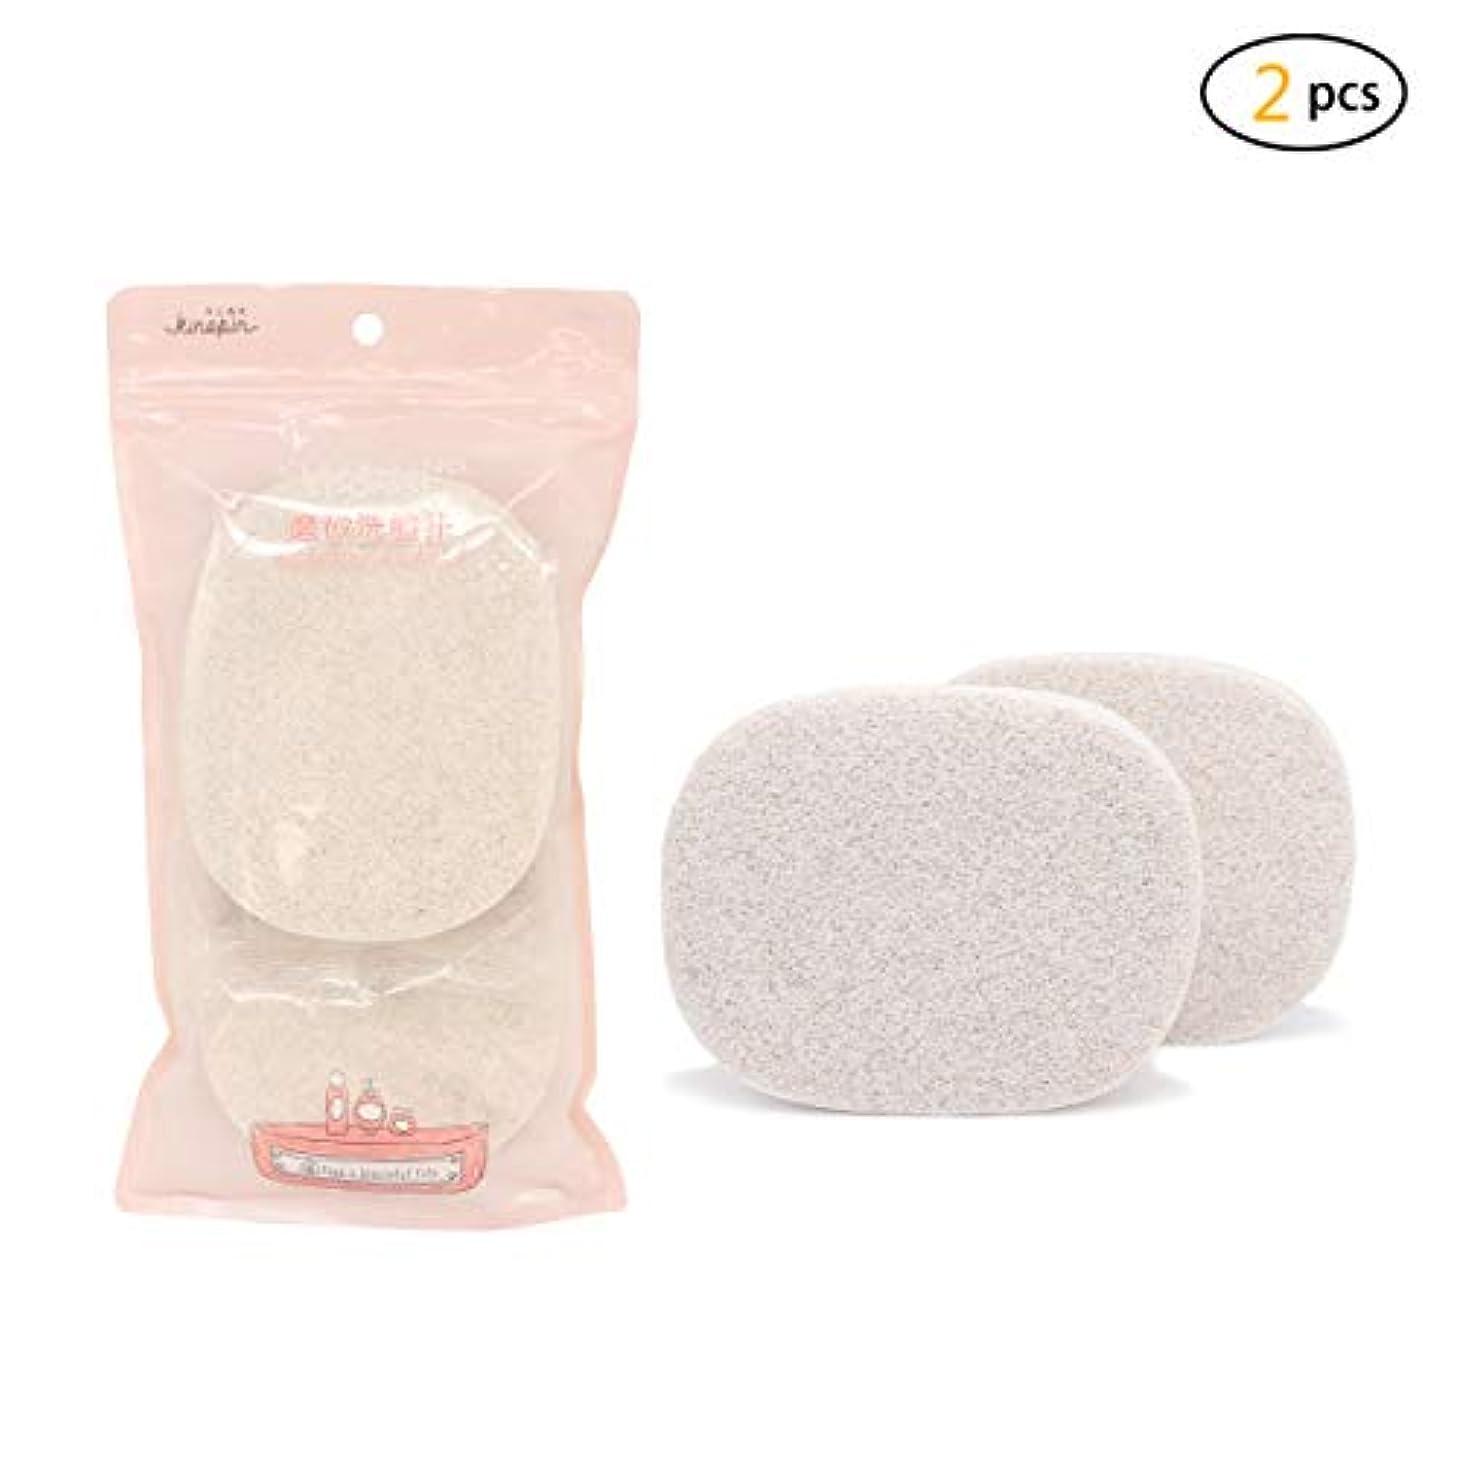 民主主義平和的あまりにもDofash 2個は特別なクルミのマッサージの粒子を追加します楕円形のスポンジ洗顔パッド、洗顔スポンジ洗顔ファッションメイクツール(ワイト)